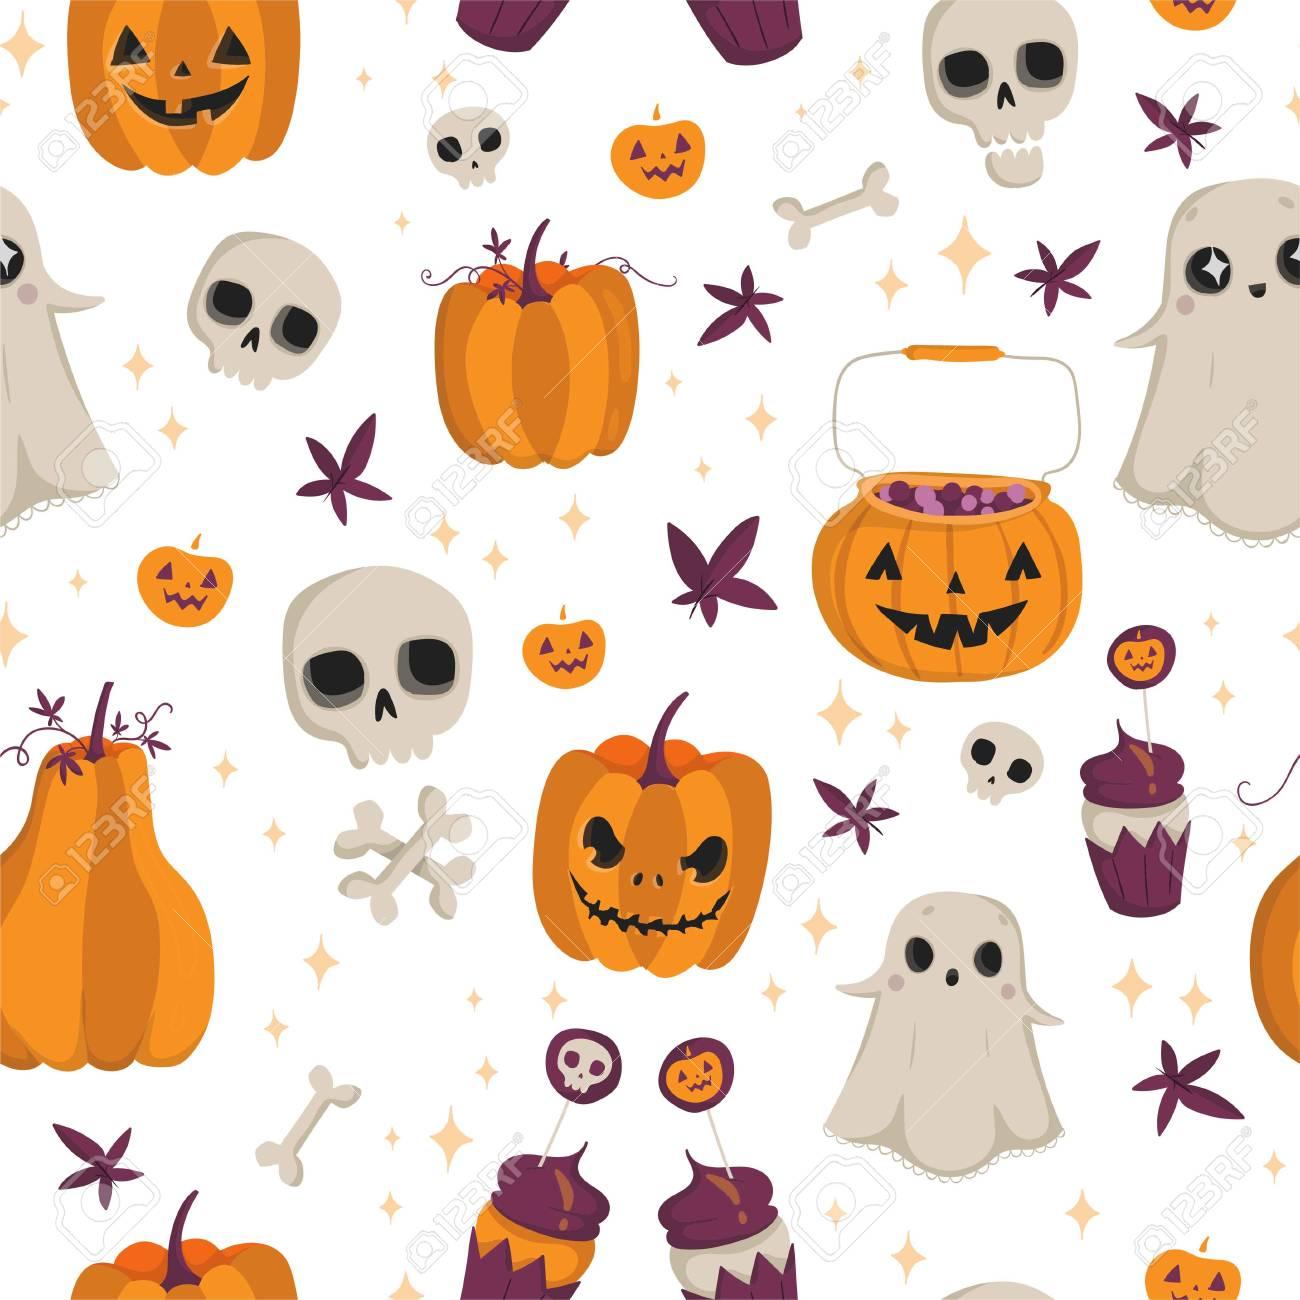 Modèle Sans Couture De Vecteur Pour Halloween Citrouille Fantôme Crâne Et Autres éléments Motif De Dessin Animé Lumineux Pour Halloween